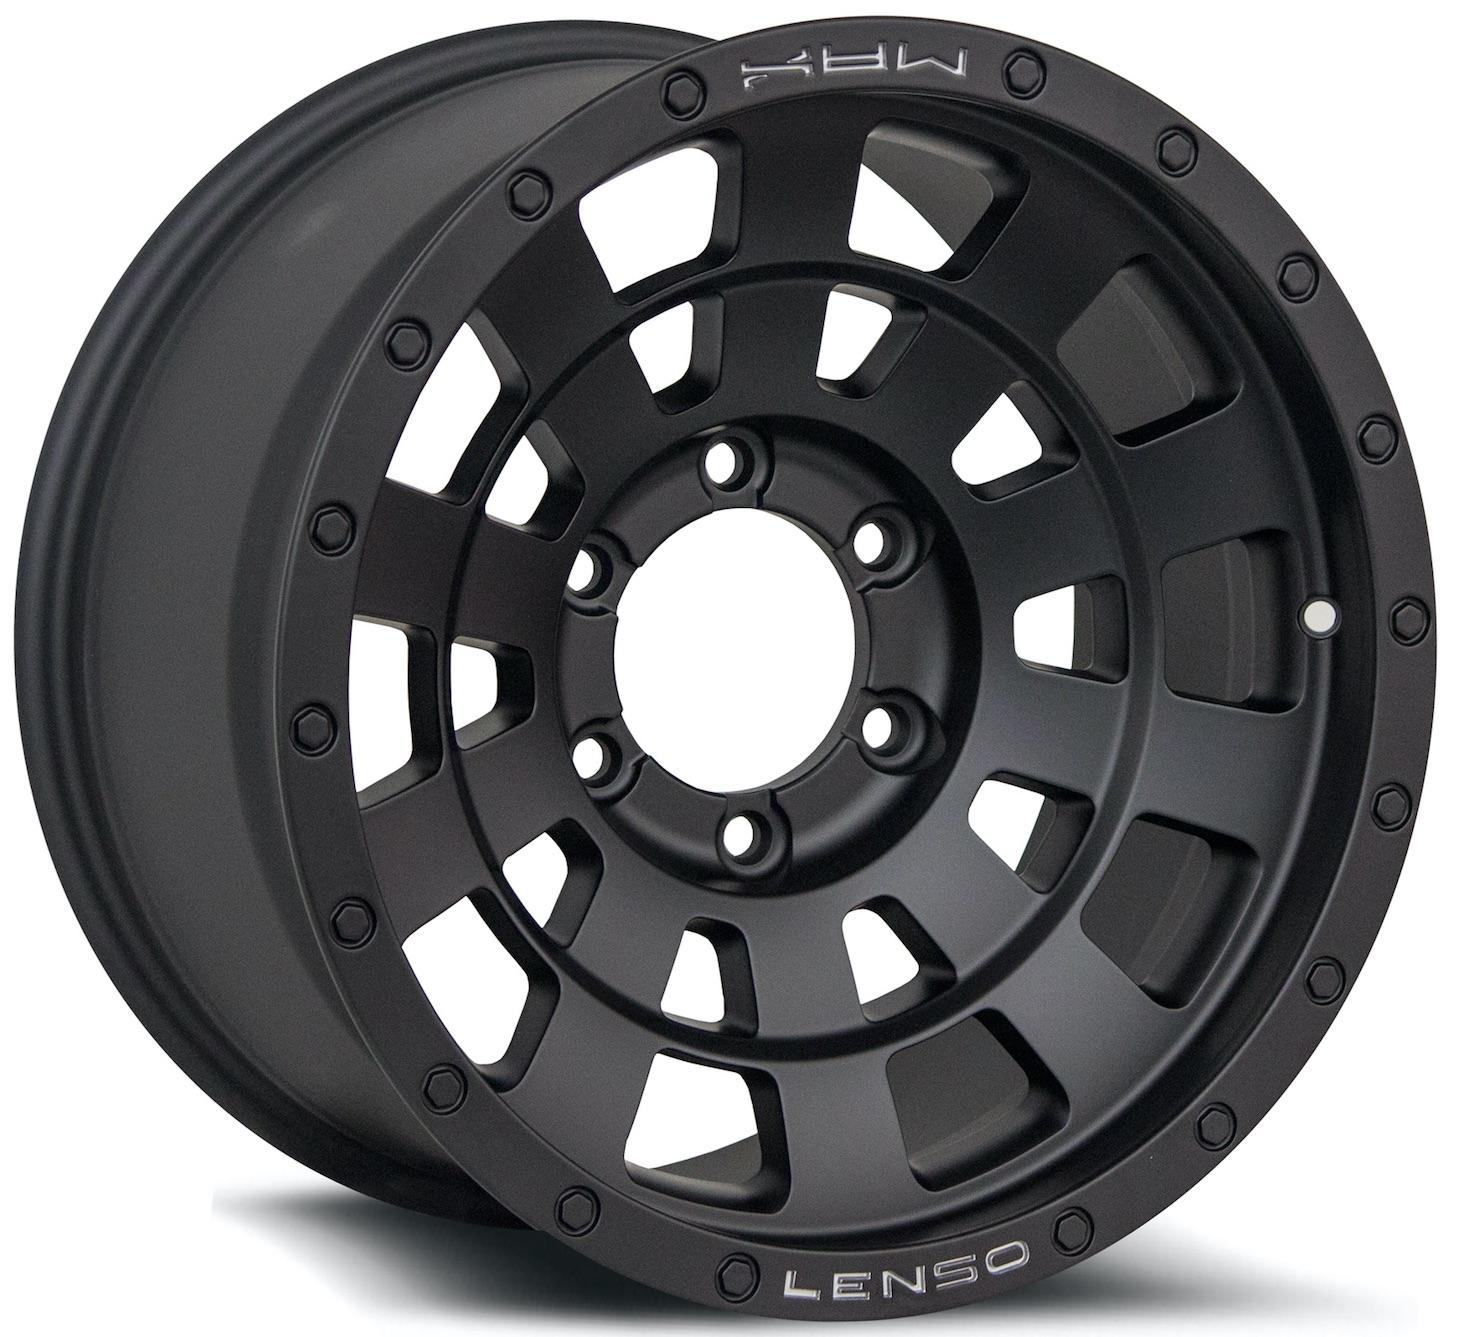 Principal Tyres Find a Wheel